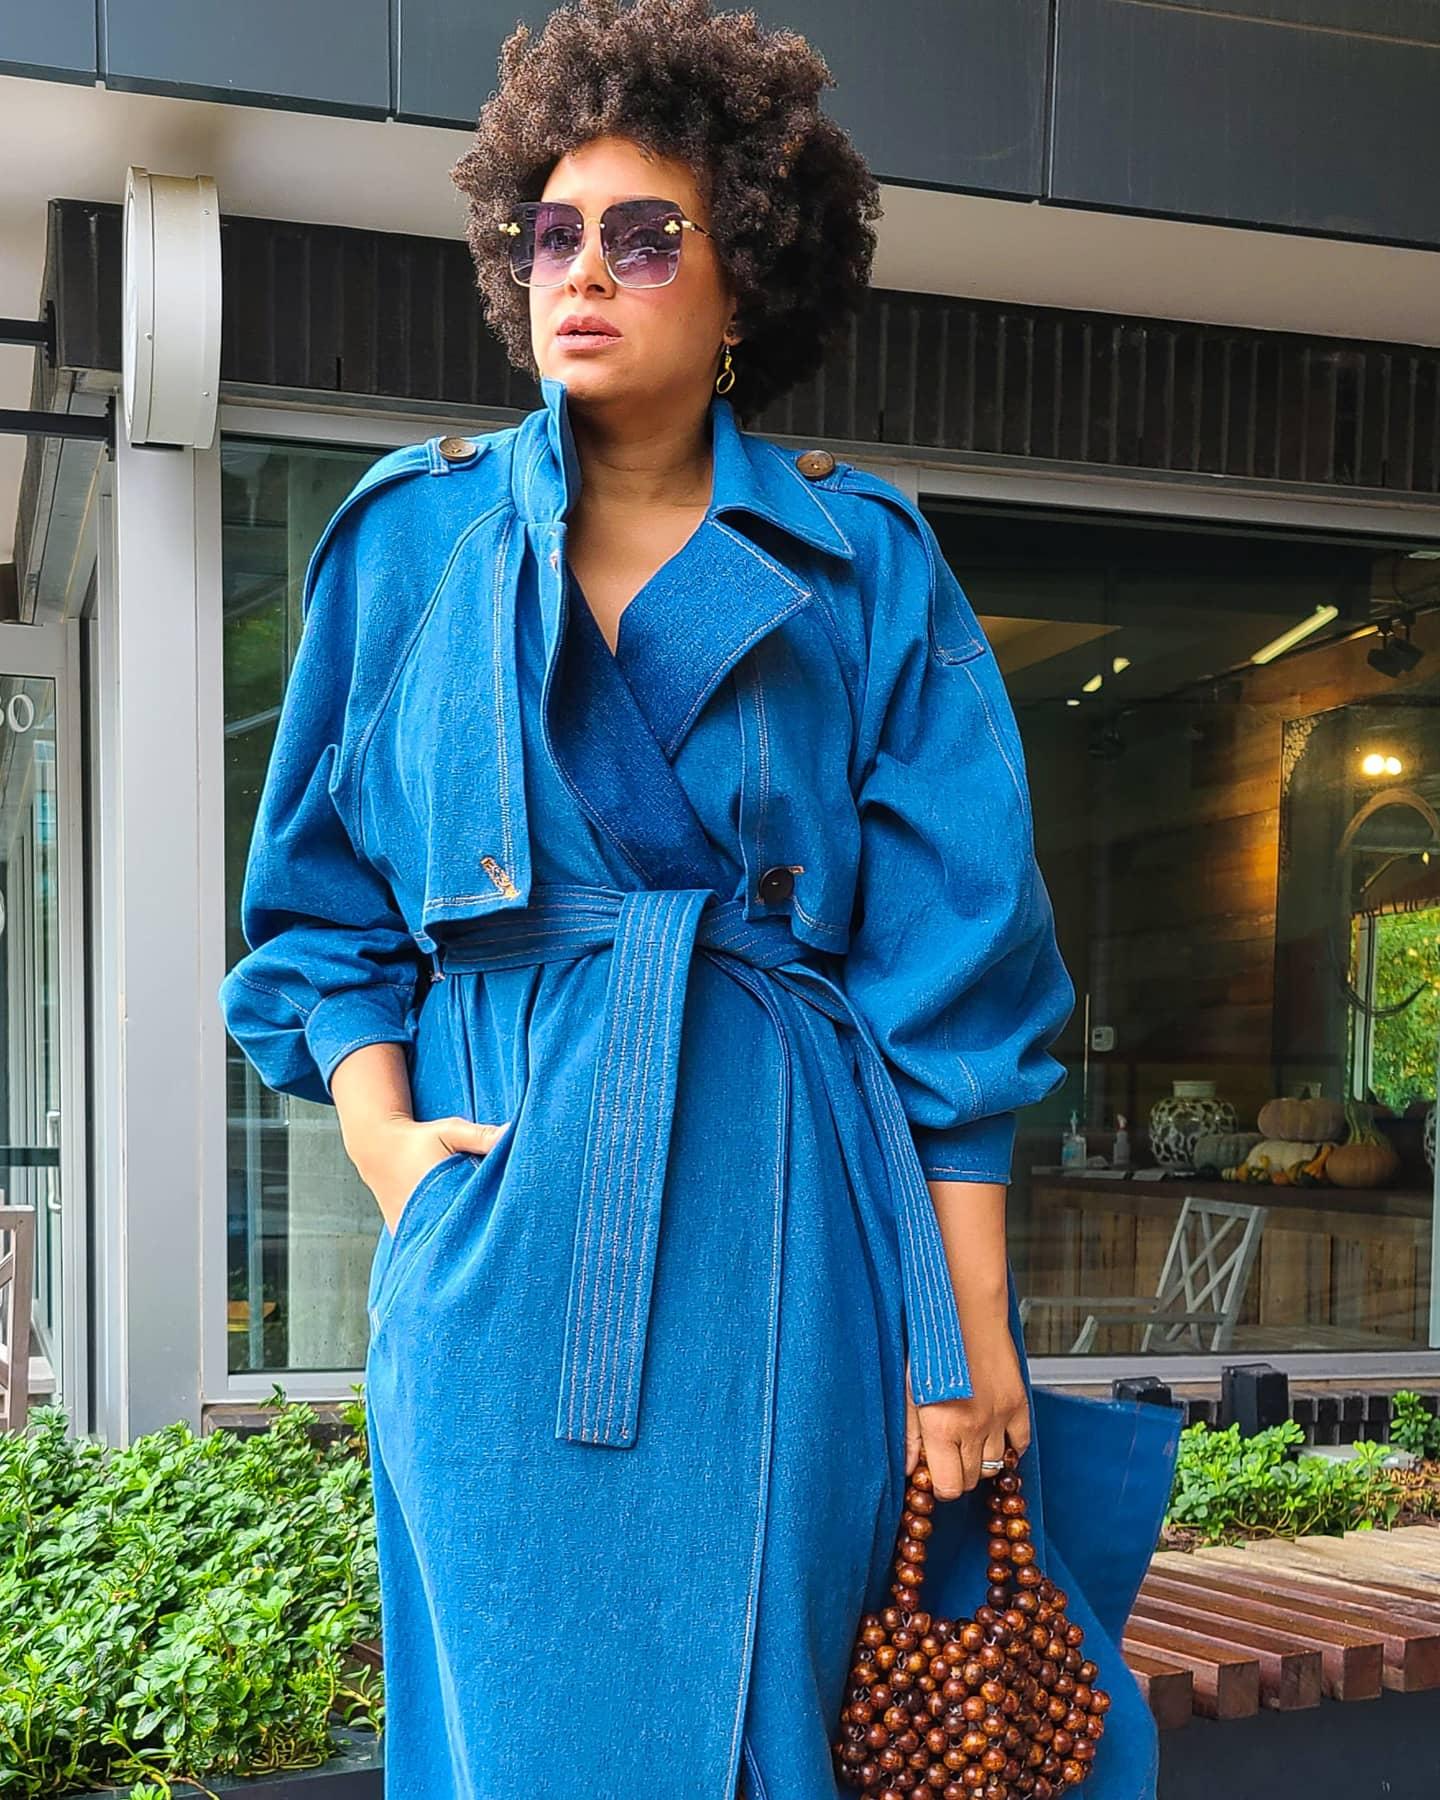 Marcia Spender in blue denim trench coat